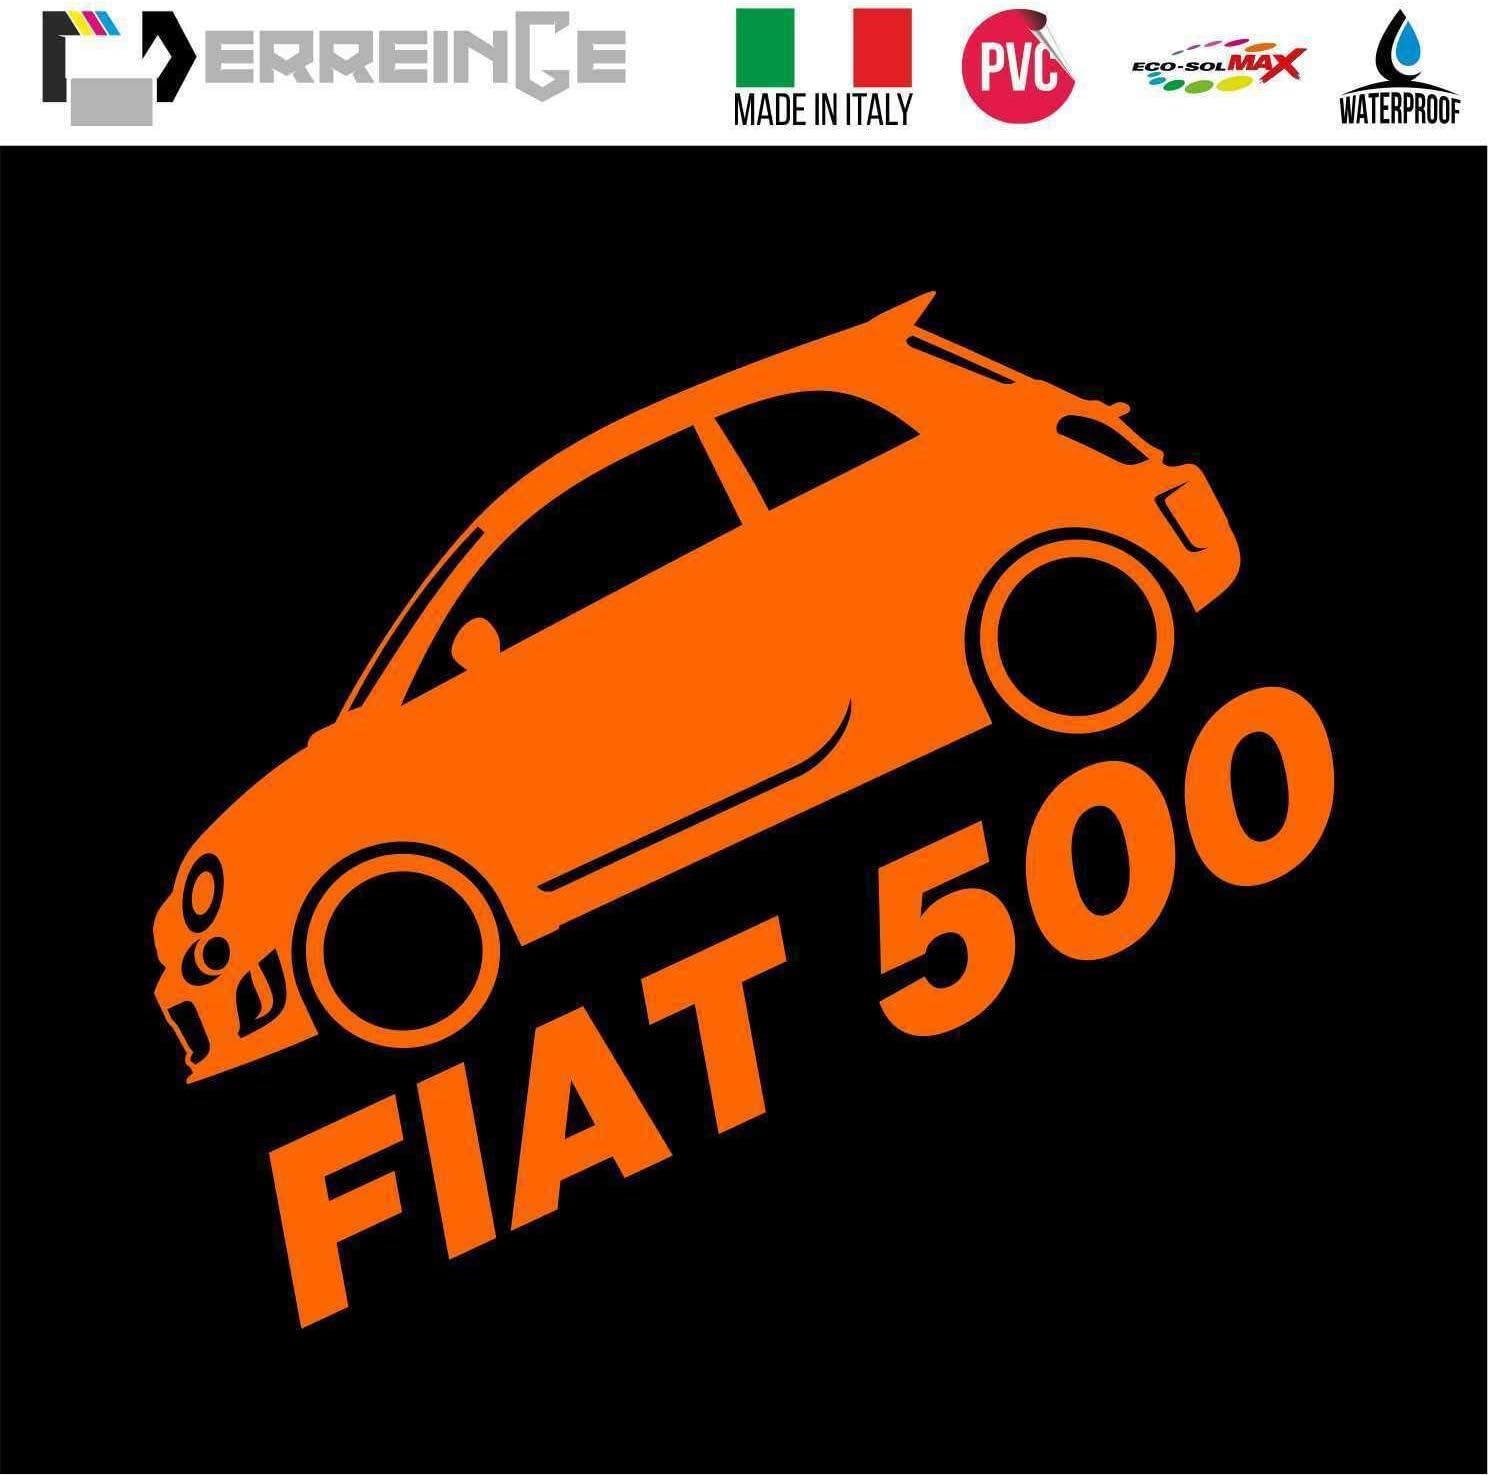 ERREINGE Sticker compatibile per FIAT 500 LATERALE JDM TUNING ARANCIONE FLUO Adesivo prespaziato in PVC per Auto Lunotto Finestrino cm 12